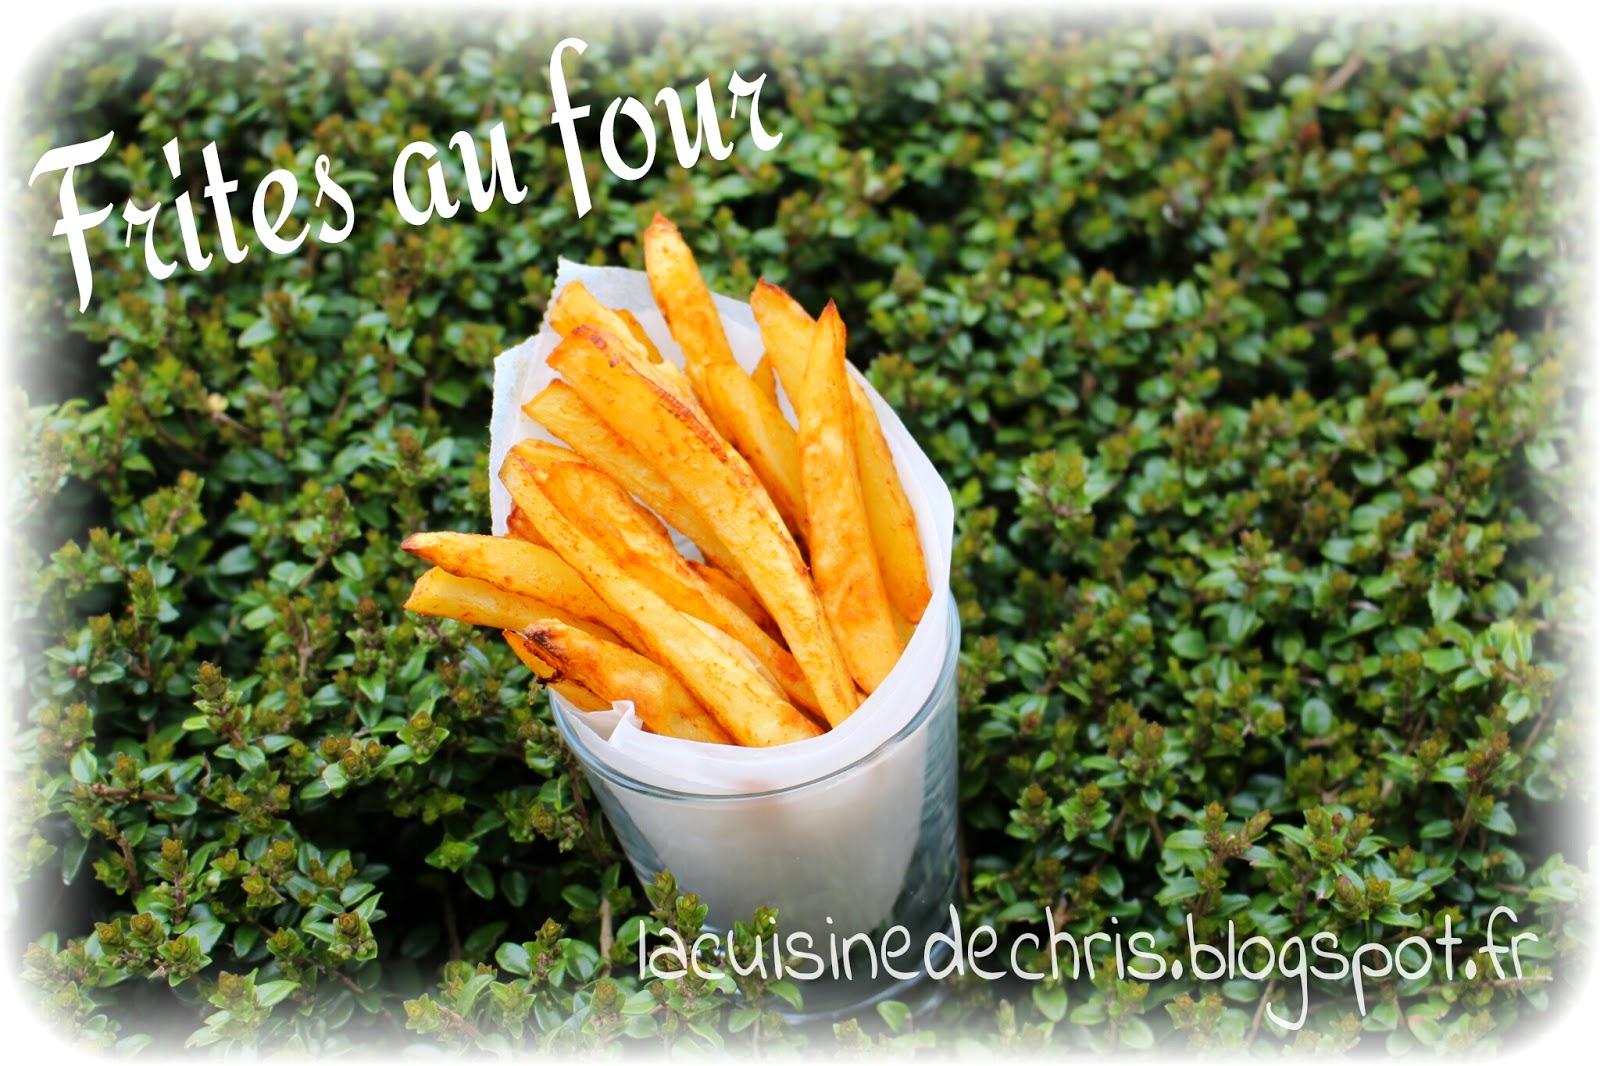 La cuisine de chris frites au four sans friteuse - Frites pour friteuse au four ...